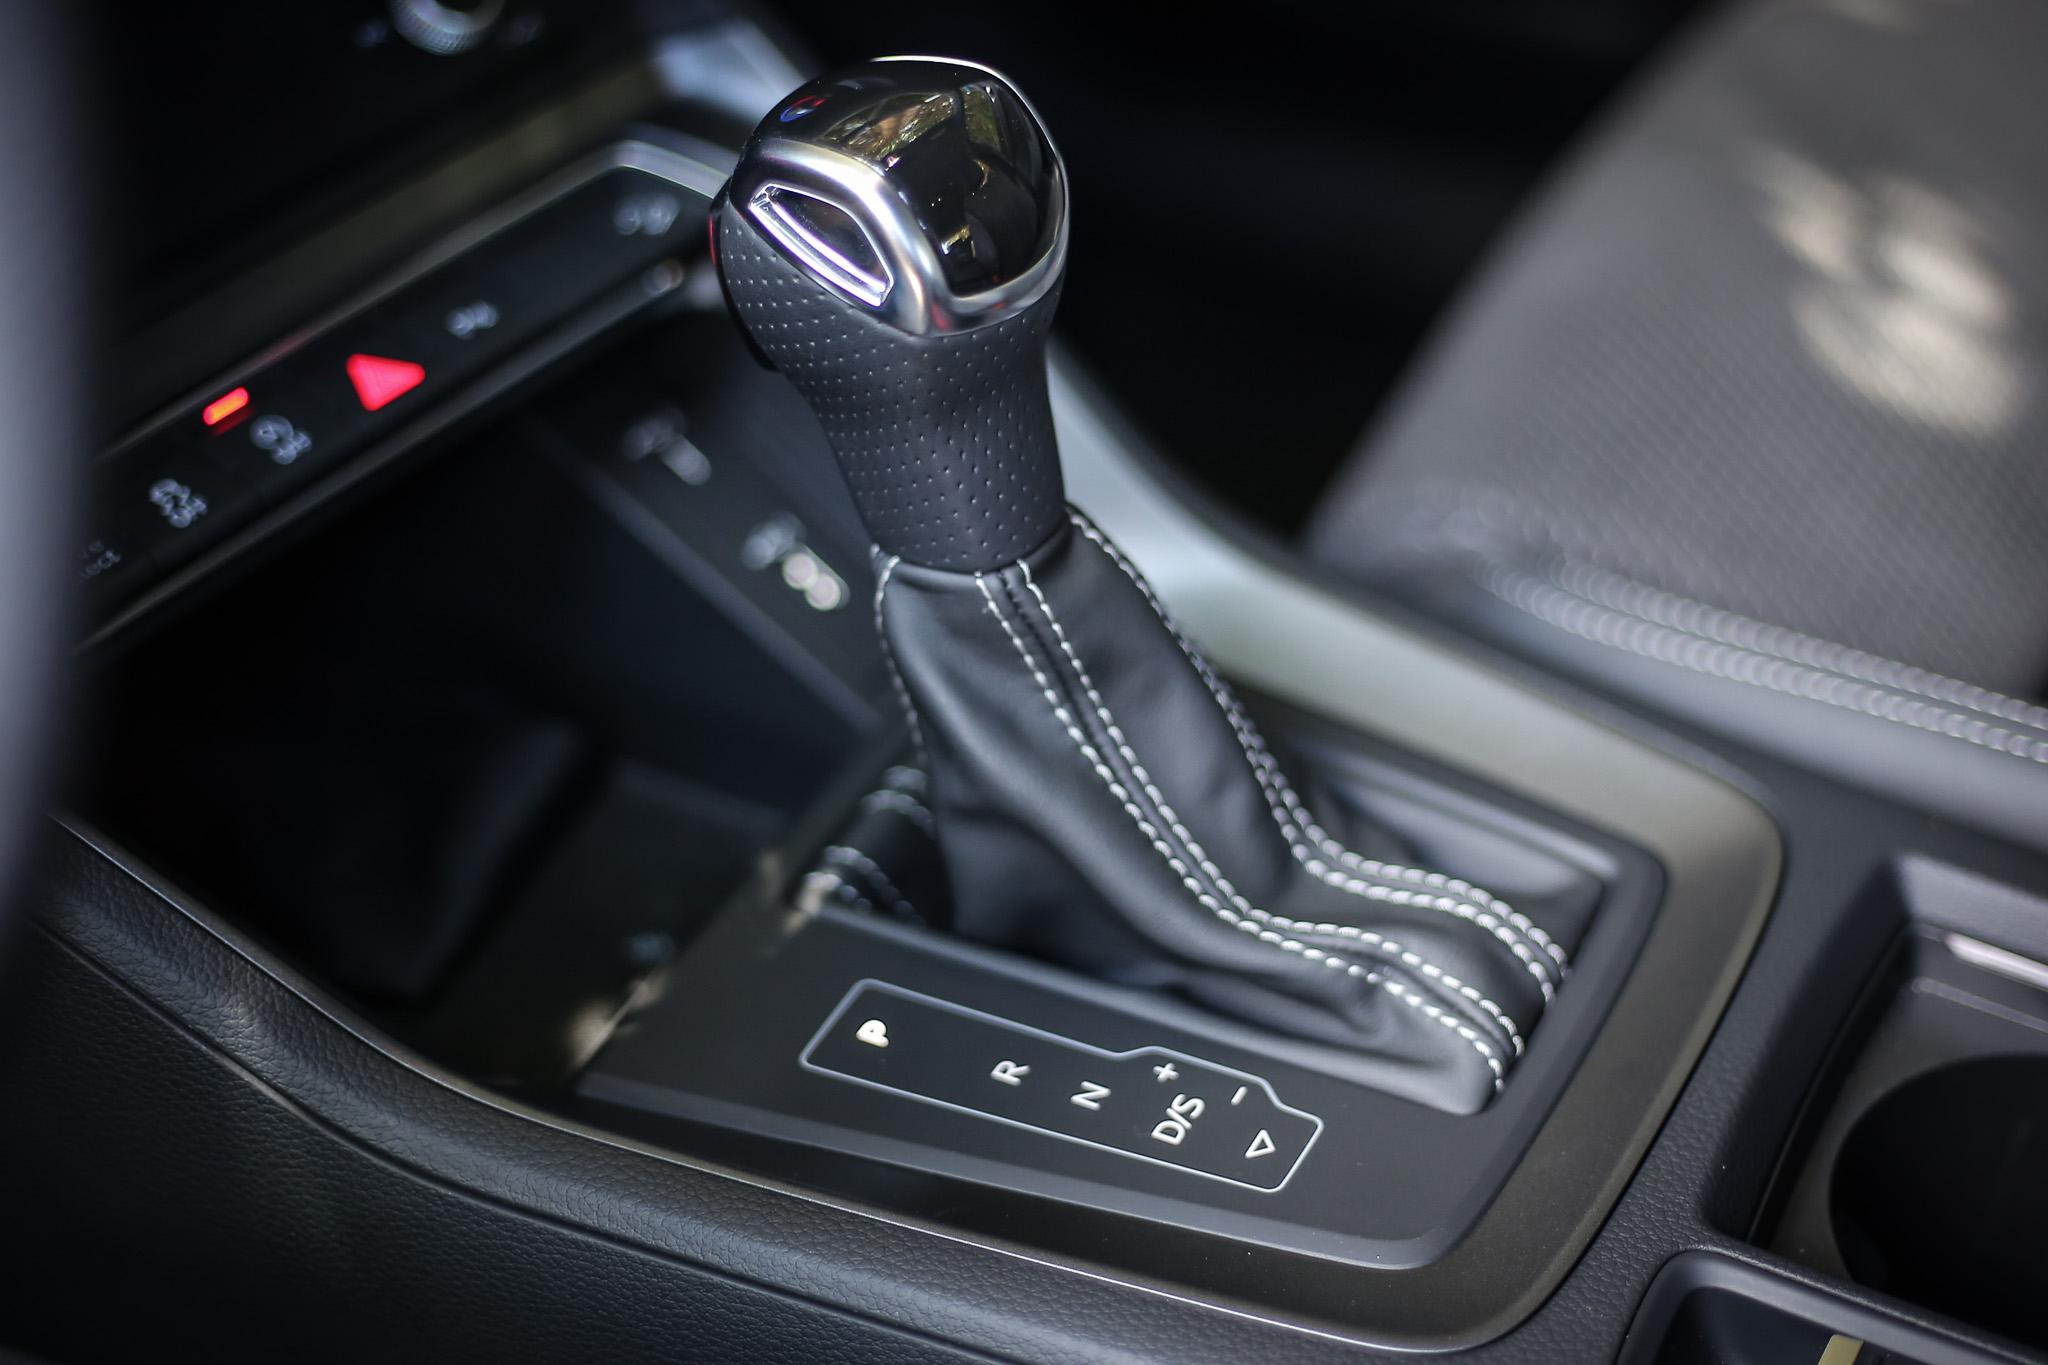 銜接 S-tronic 七速自手排變速系統,原廠數據顯示可於 7.4 秒完成 0-100km/h 加速過程。